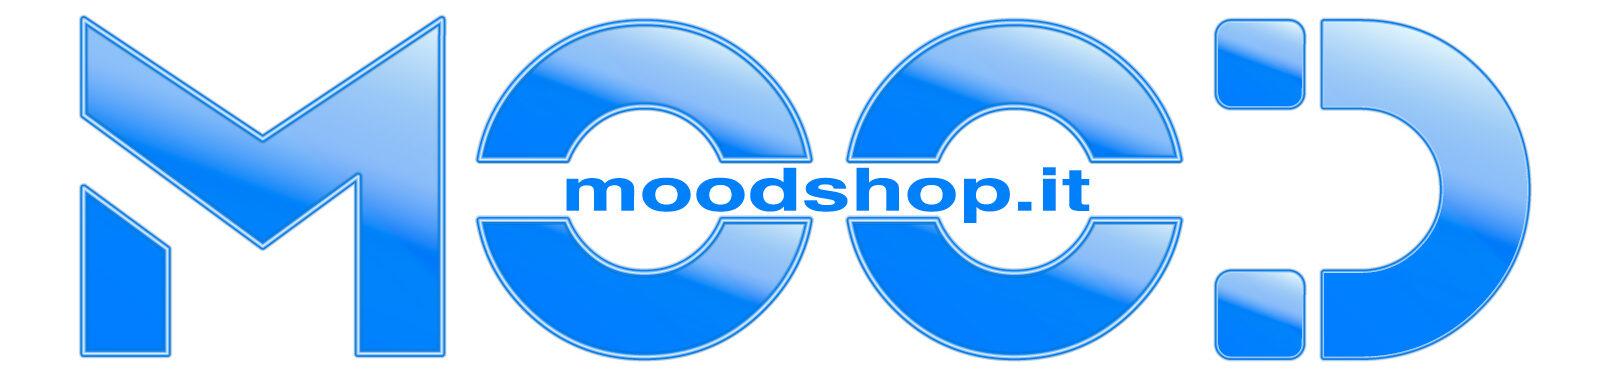 Moodshop.it